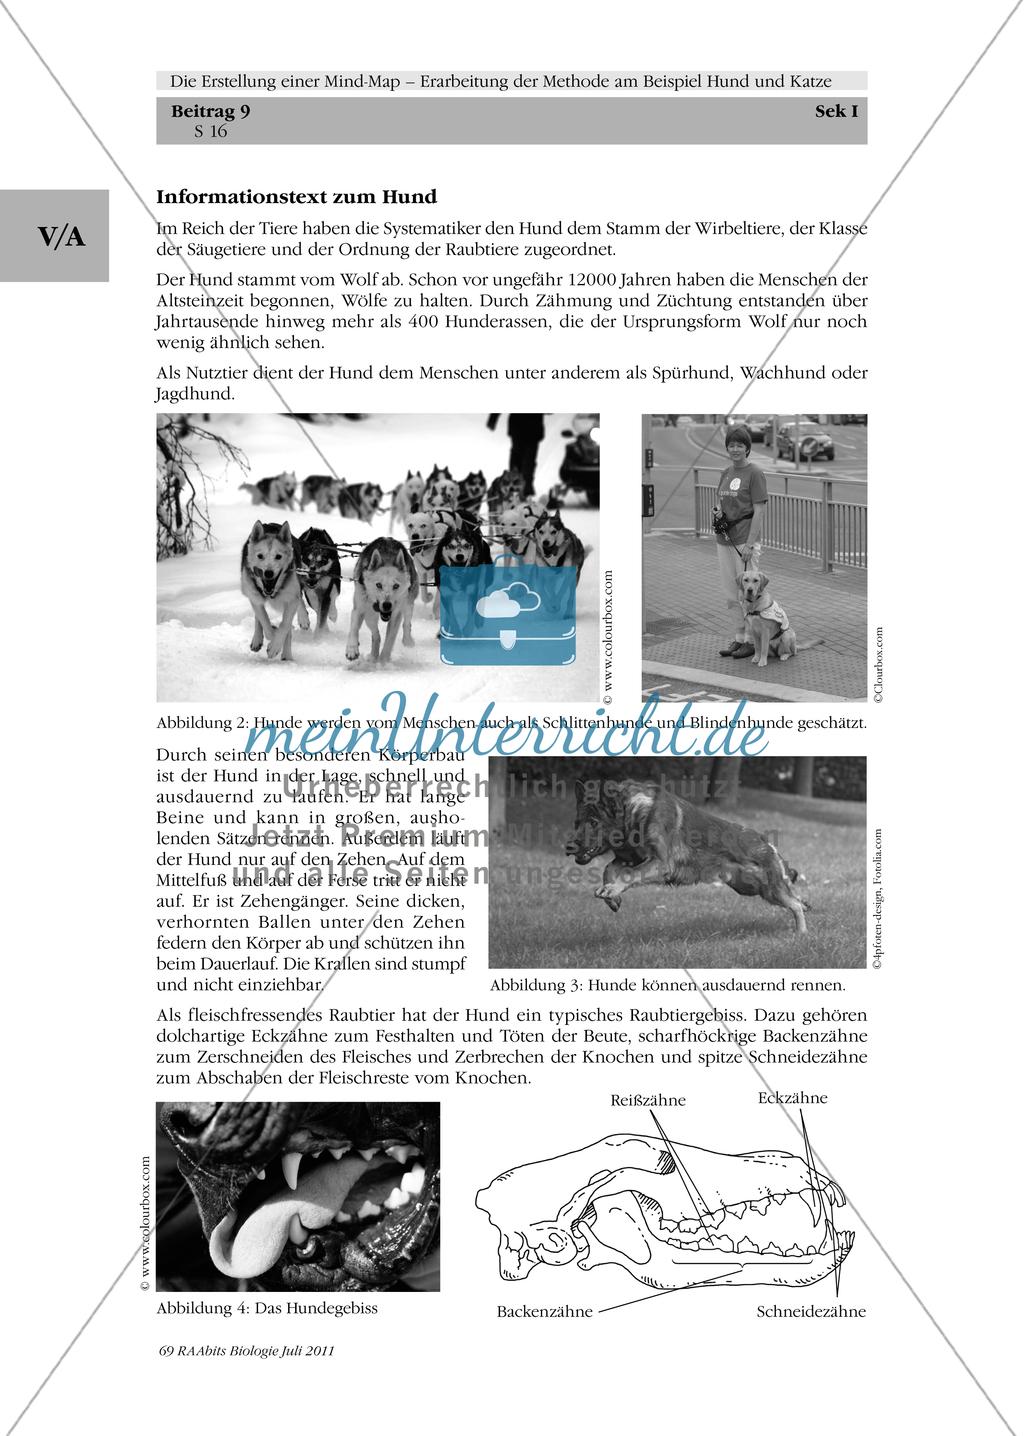 Methoden zu Erstellung einer Mind-Map: Informationstext zum Hund in Gruppenarbeit zu einer Mind-Map umstrukturieren und das Ergebnis präsentieren Preview 2